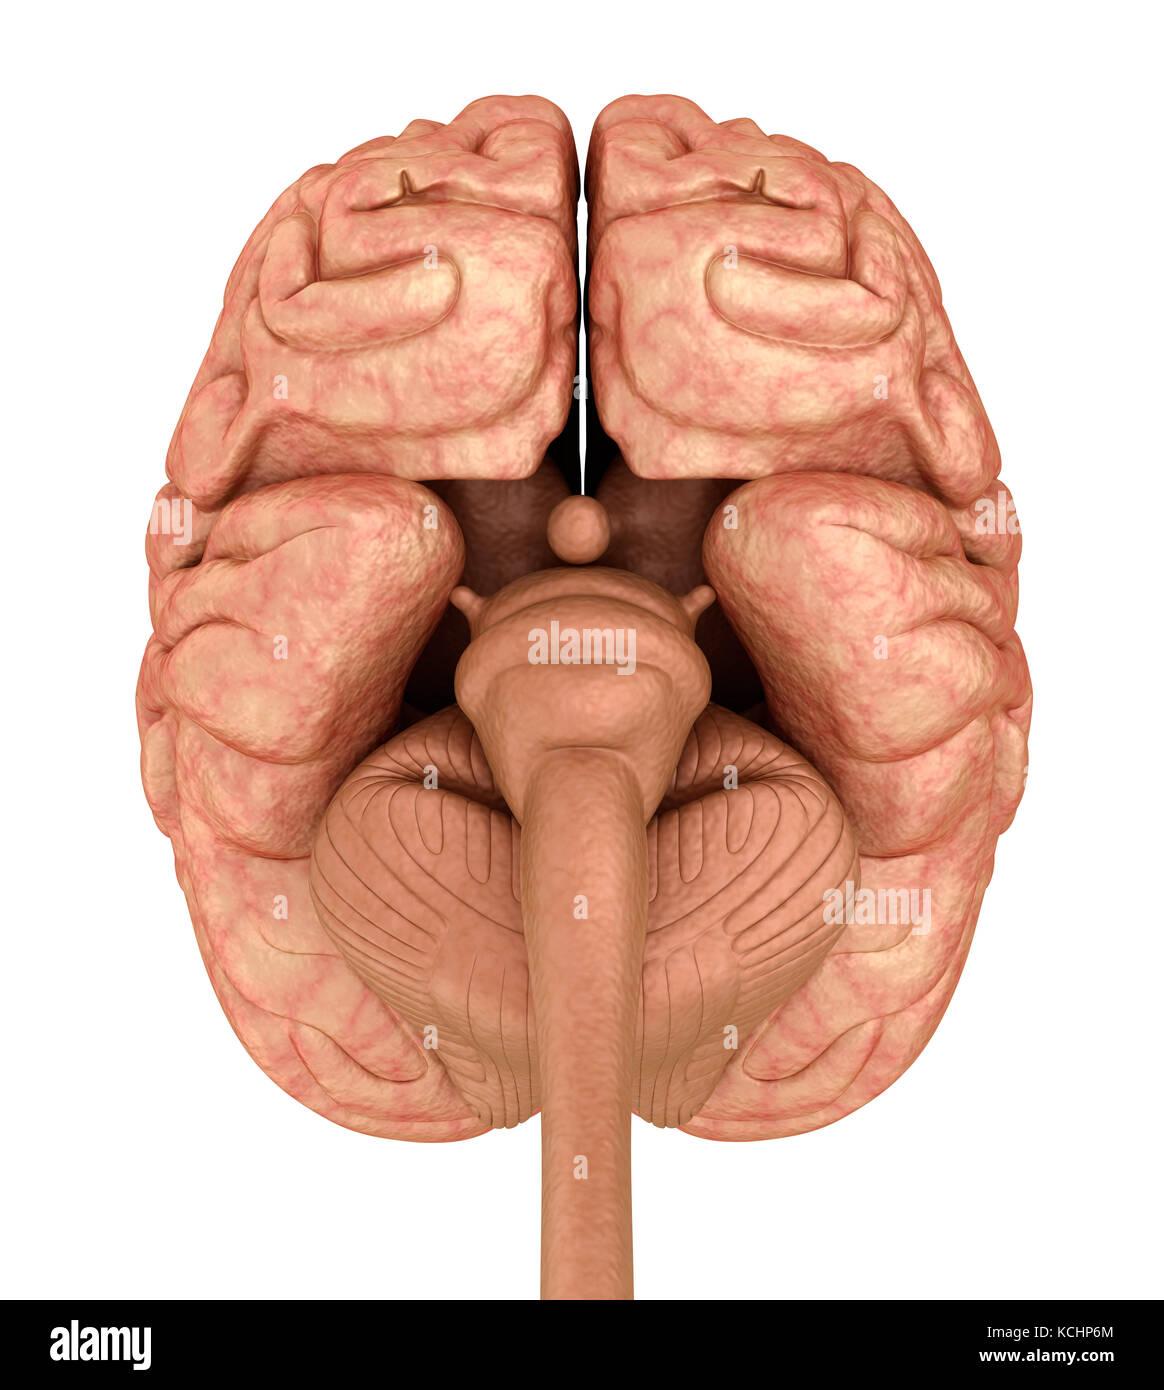 Menschliche Gehirn 3D-Modell, isoliert auf Weiss. medizinisch genaue ...